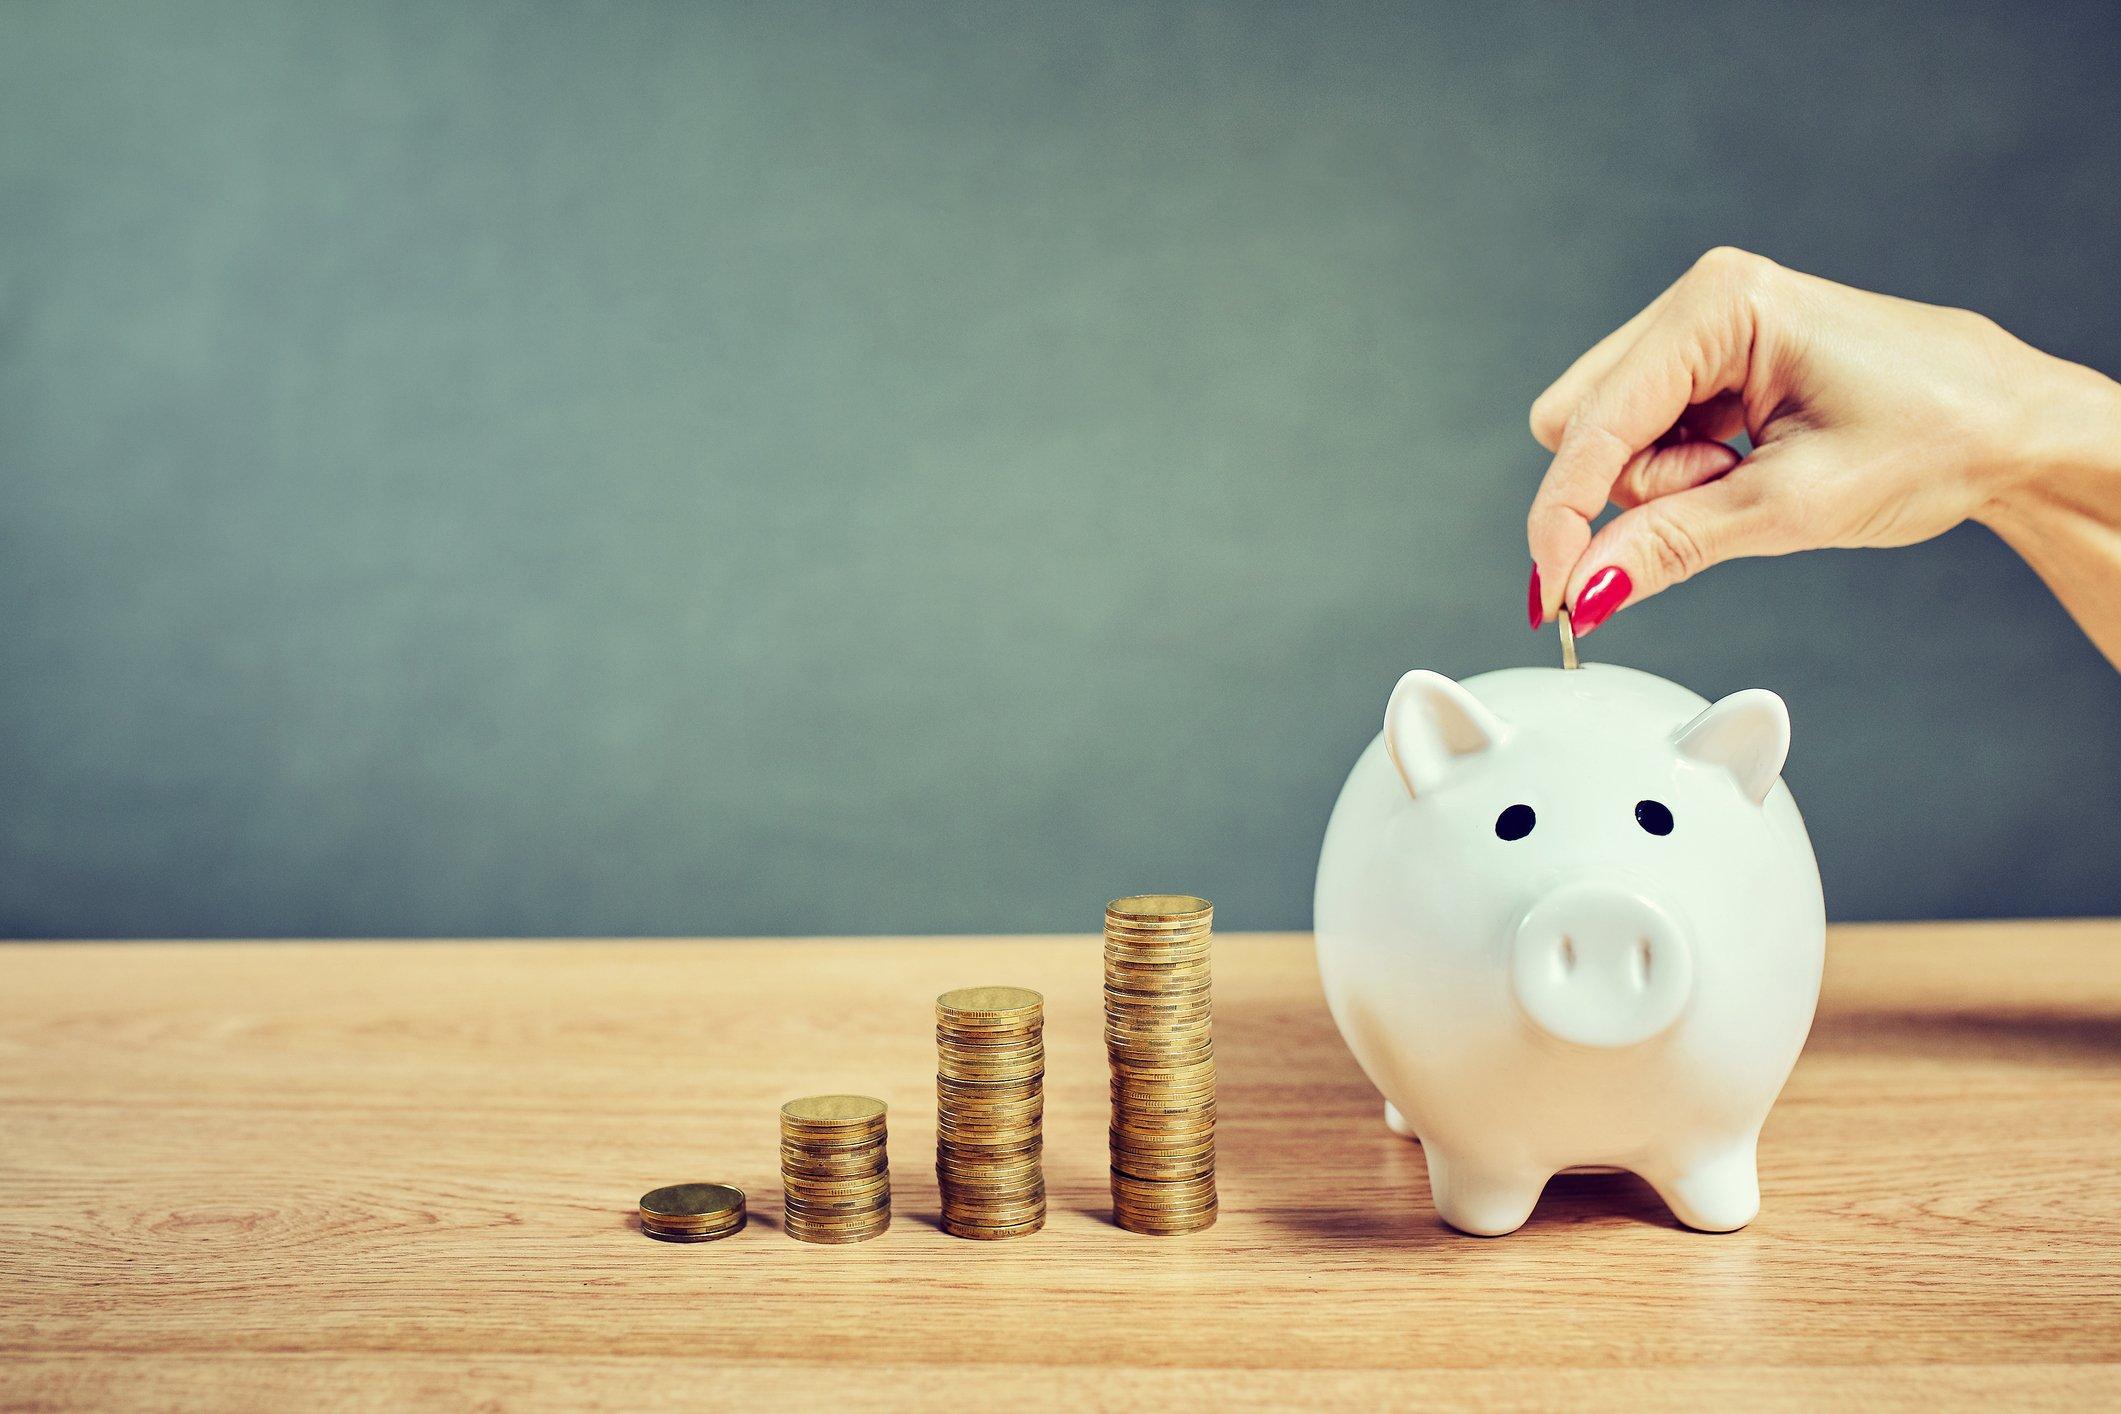 Cómo ahorrar dinero cada mes: 22 trucos innovadores